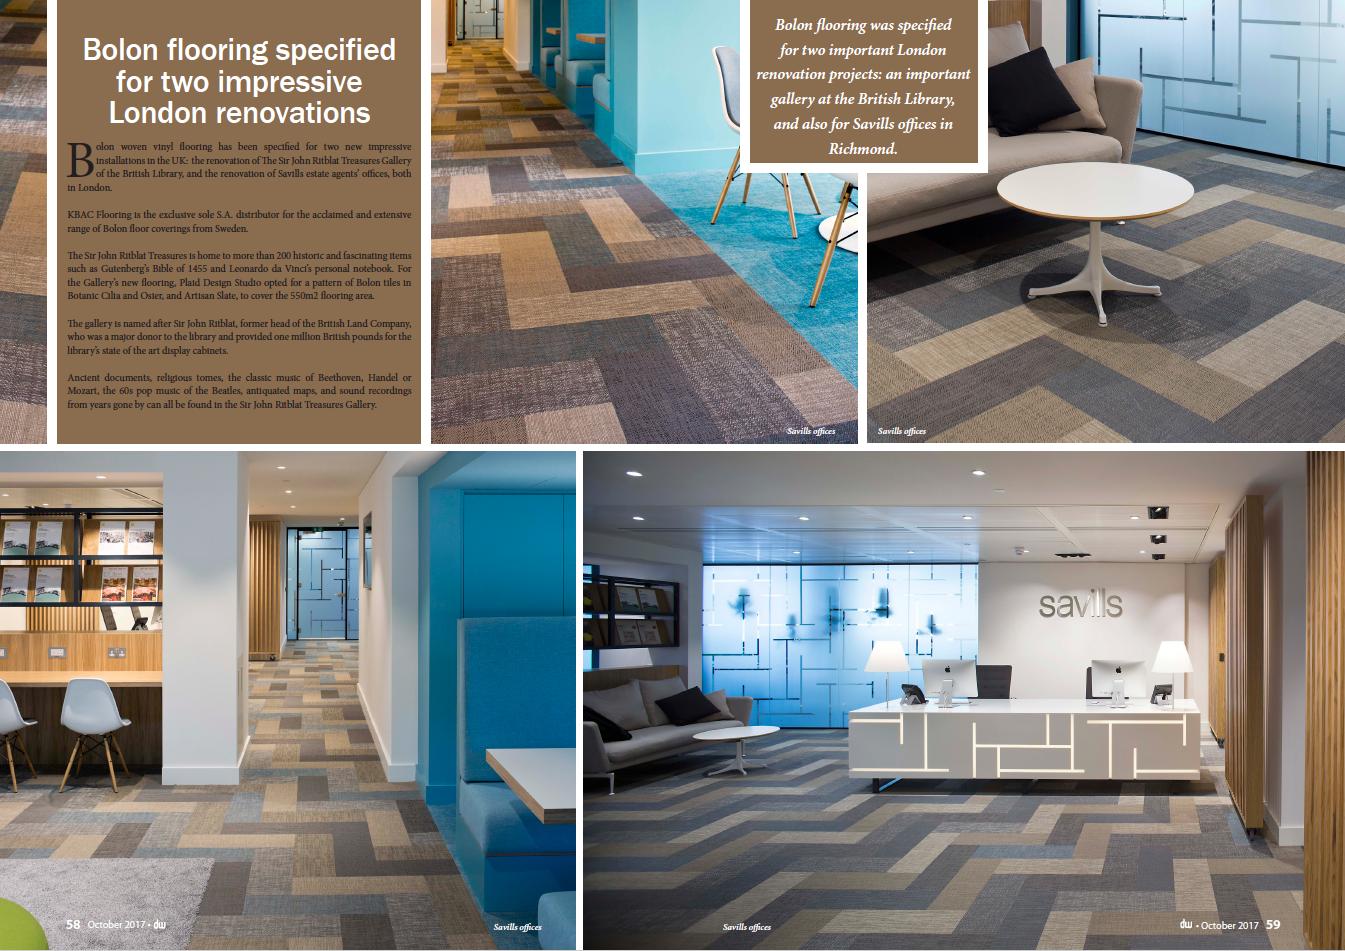 Stunning Bolon Flooring Installation